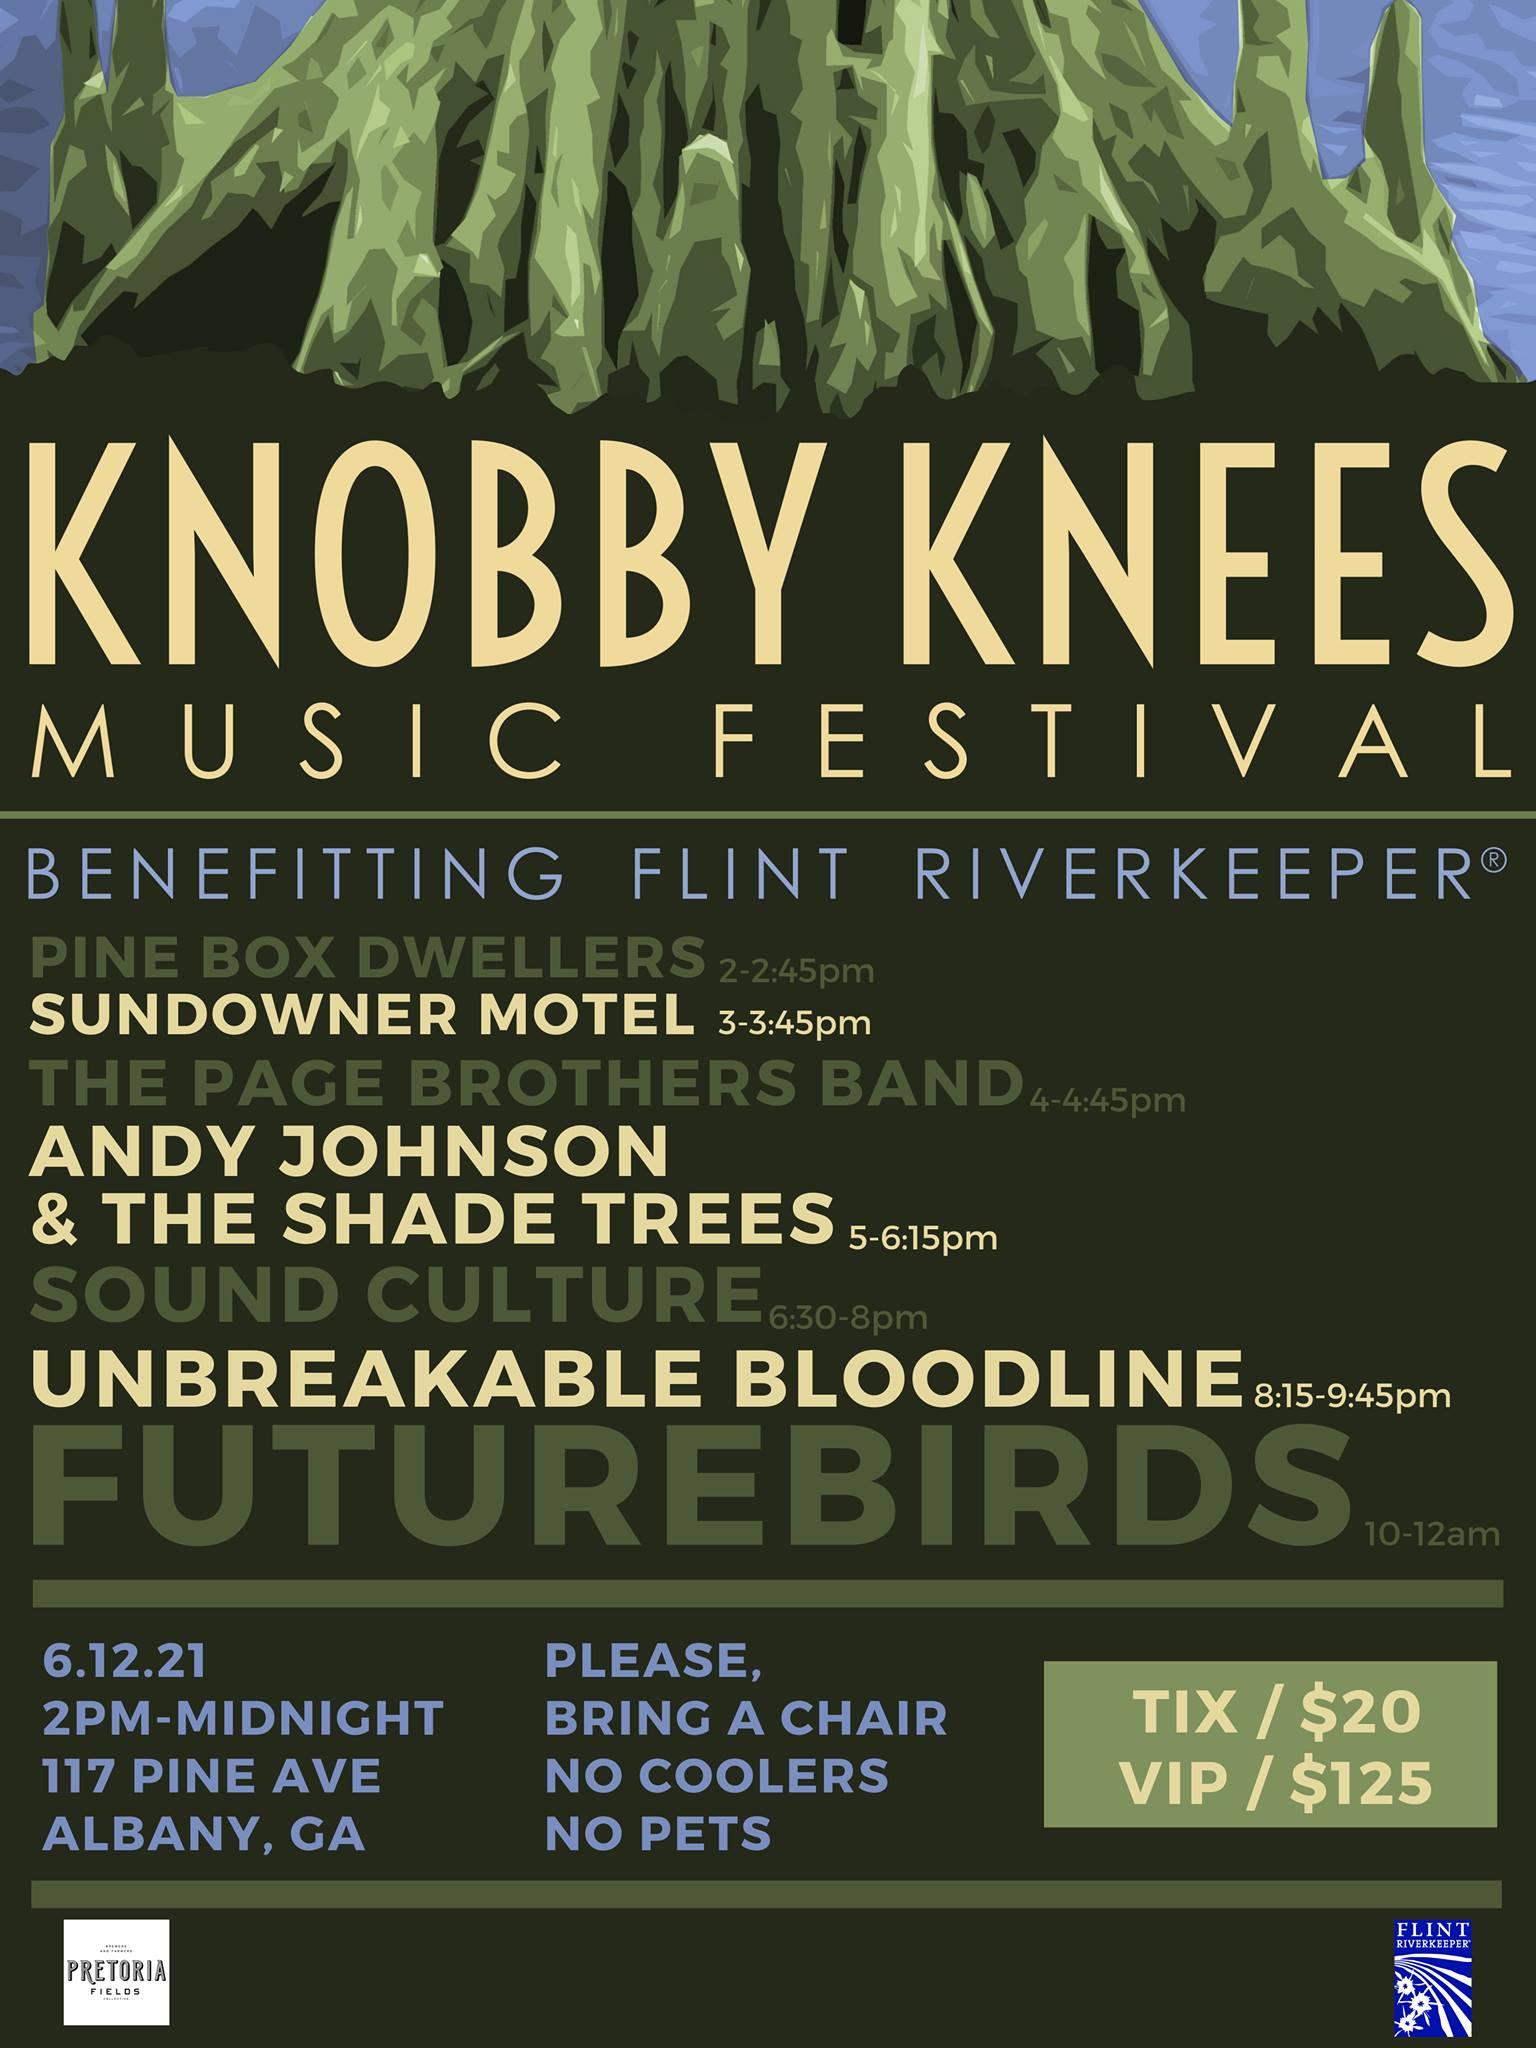 Knobby Knees Music Festival